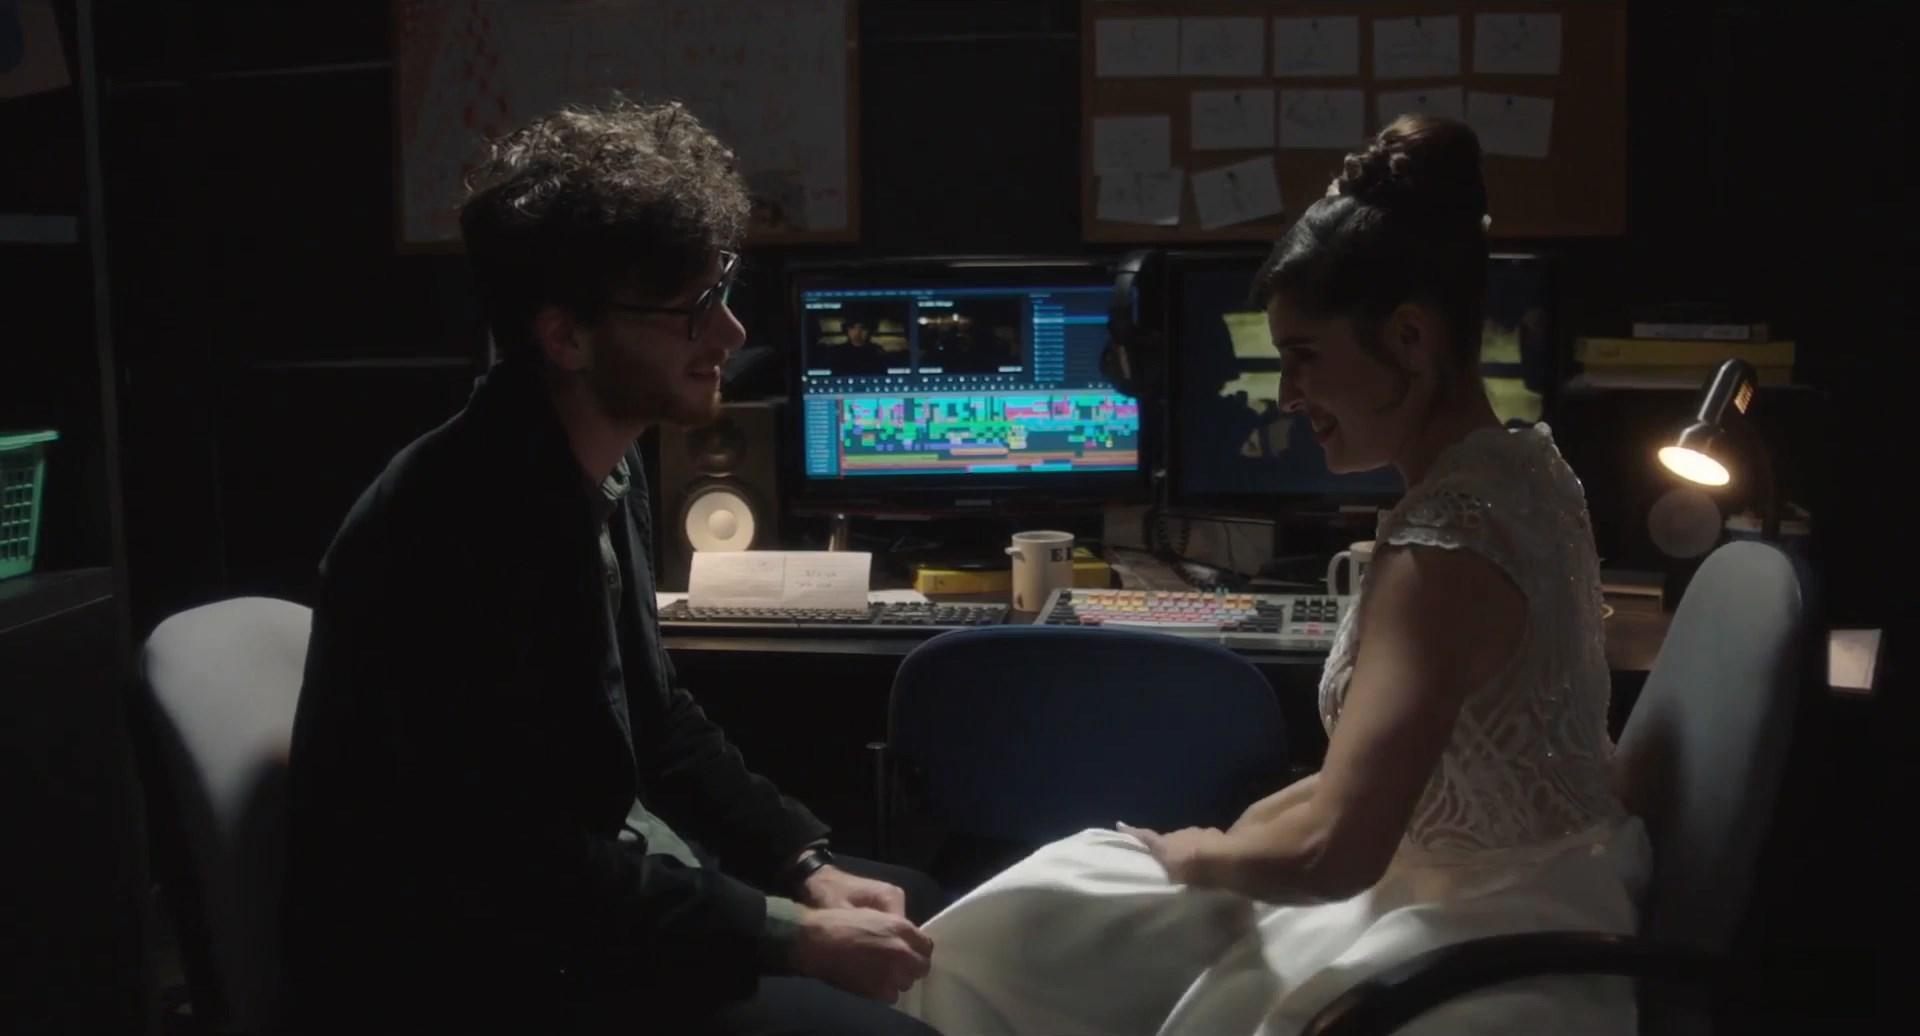 ¡Devuelve el anillo! (2020) 1080p WEB-DL